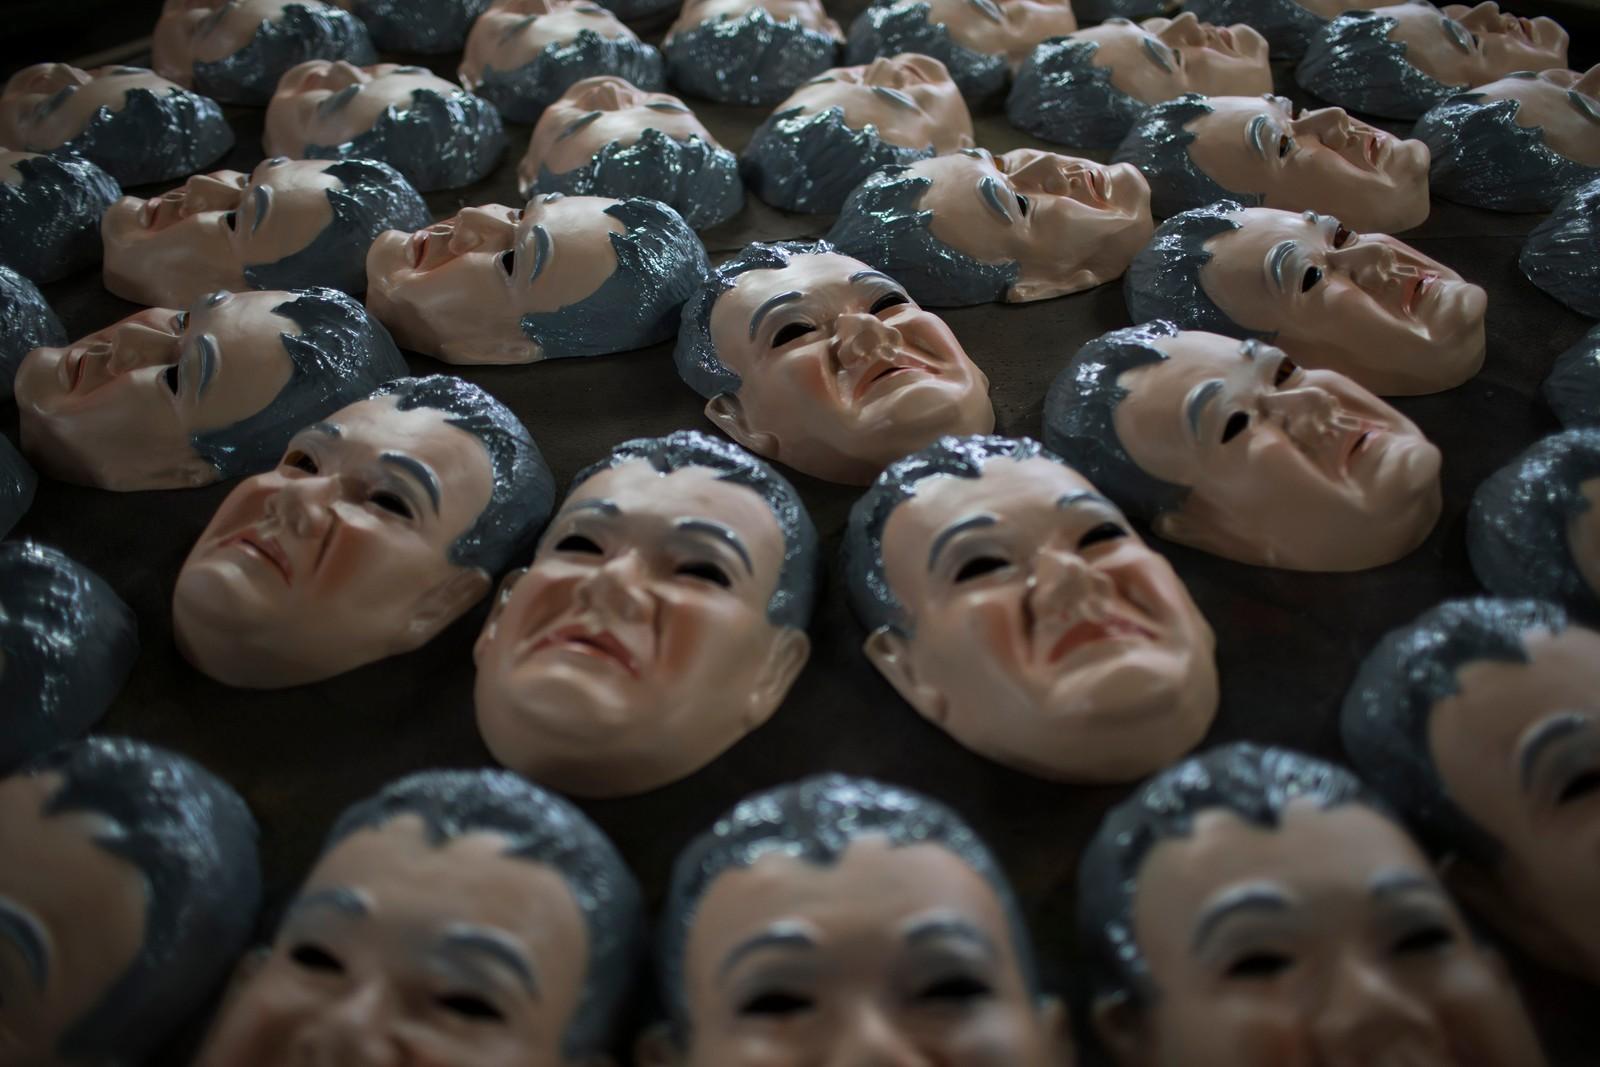 I Brasil er fabrikken Condal kjent for å lage masker som ligner politikere og andre som setter farge på nyhetsbildet. Her er en samling masker av politimannen Newton Ishii, kjent for å ha arrestert flere politikere og andre i en korrupsjonsskandale i oljeselskapet Petrobras.